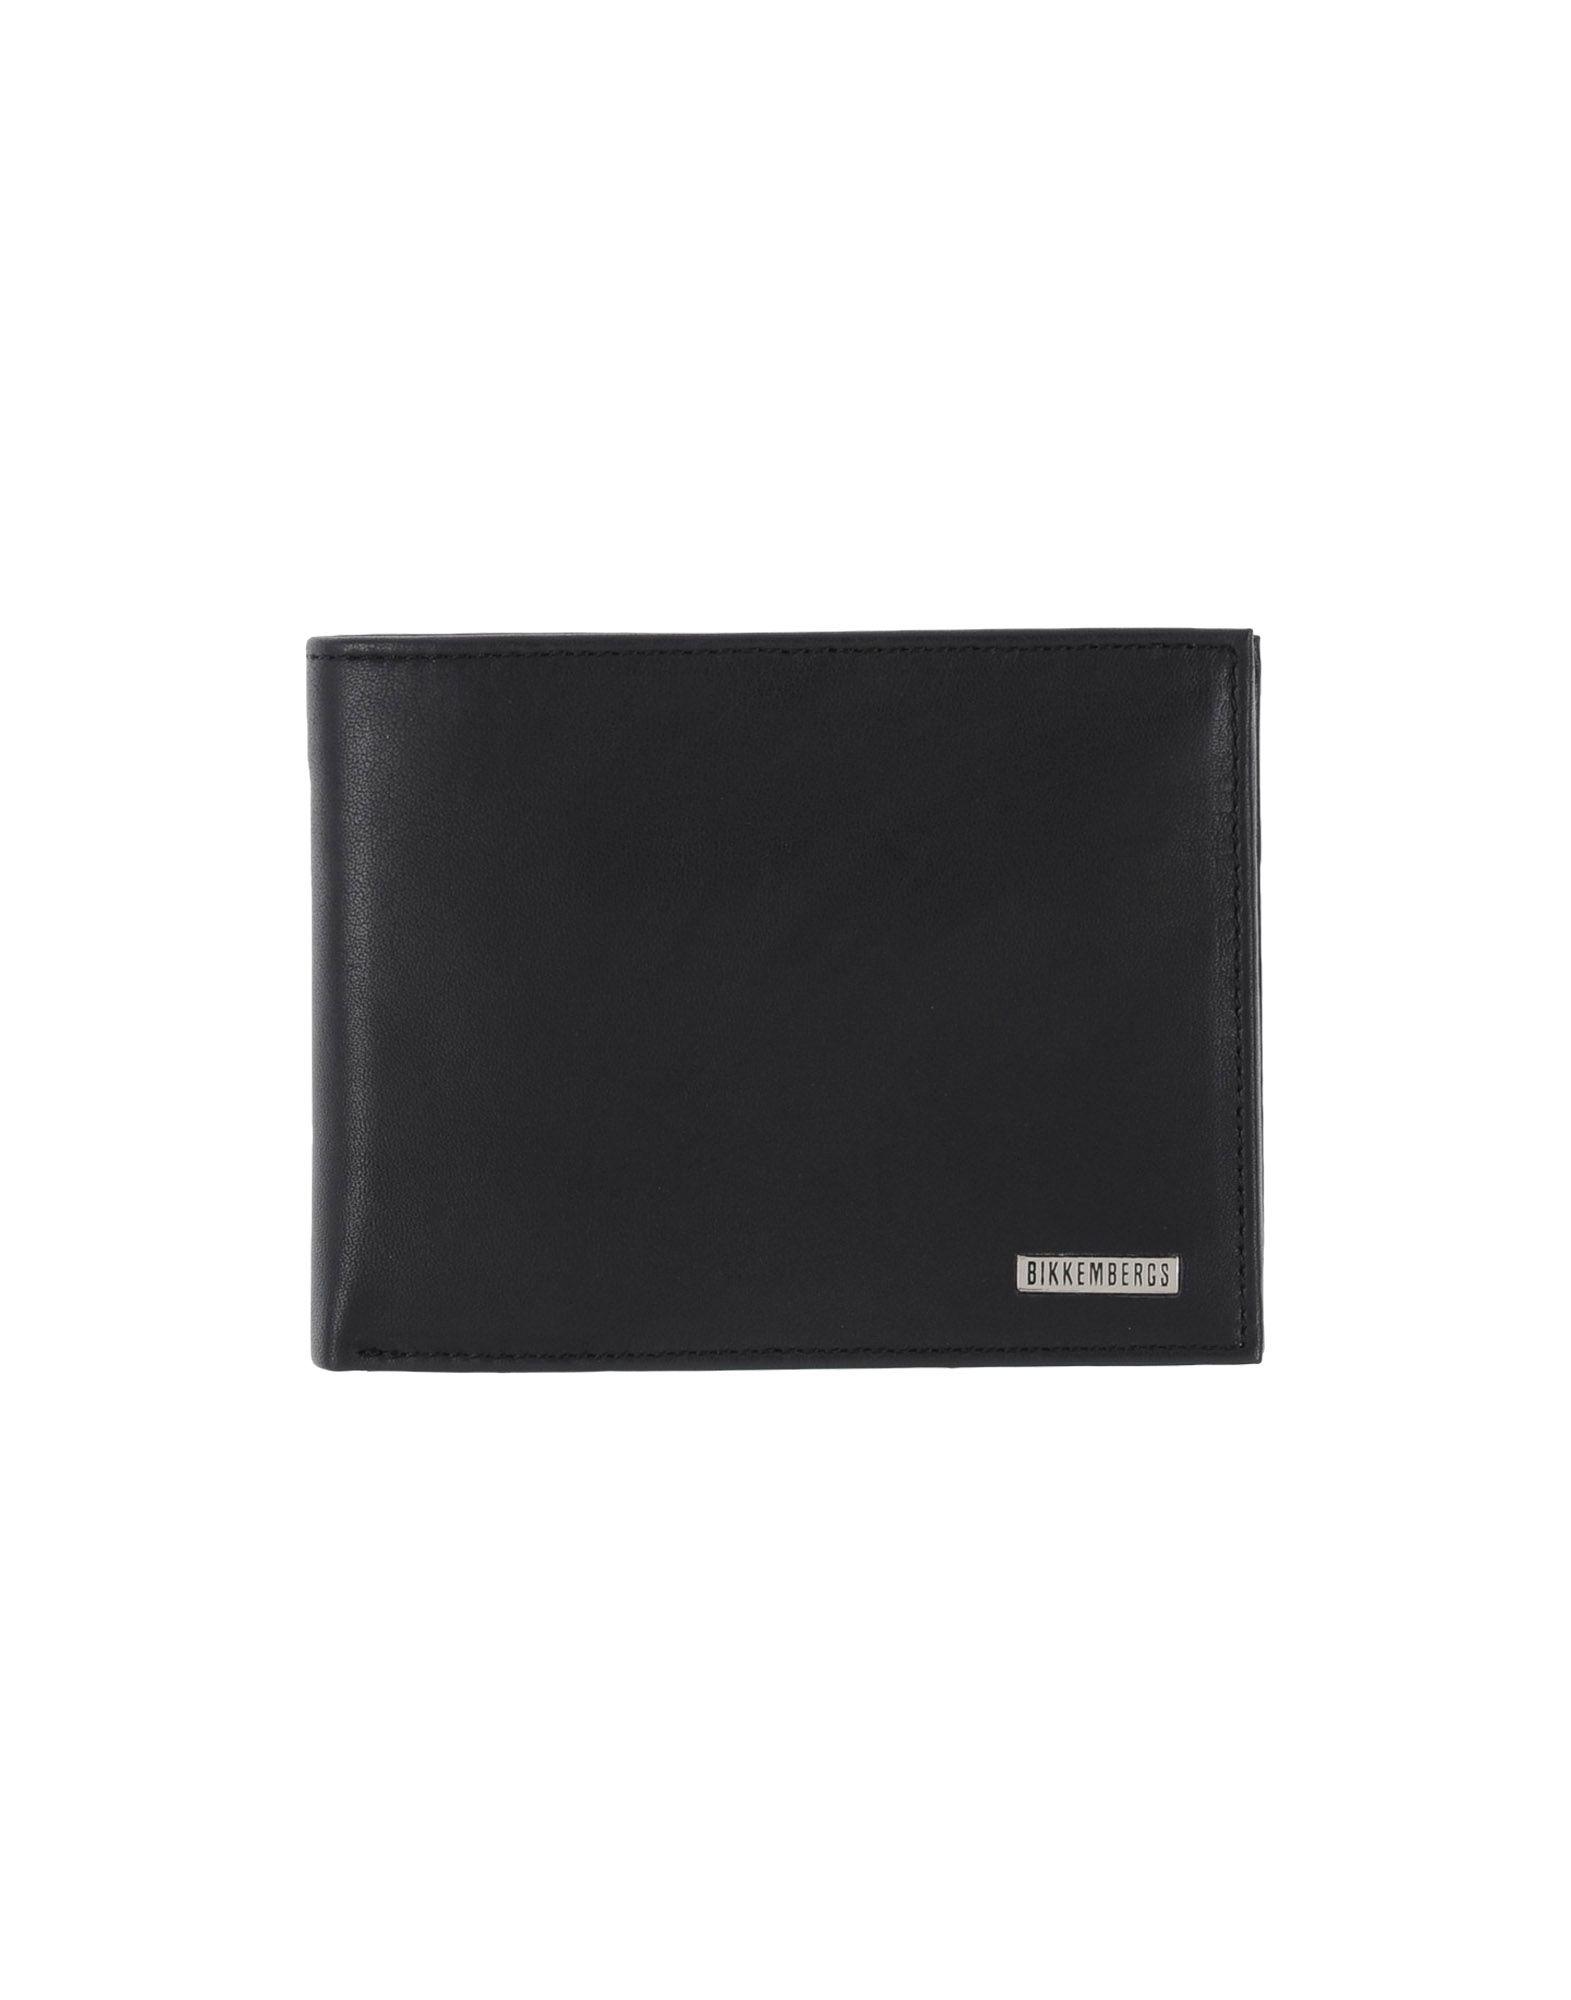 《送料無料》BIKKEMBERGS メンズ 財布 ブラック 羊革(シープスキン) 100%